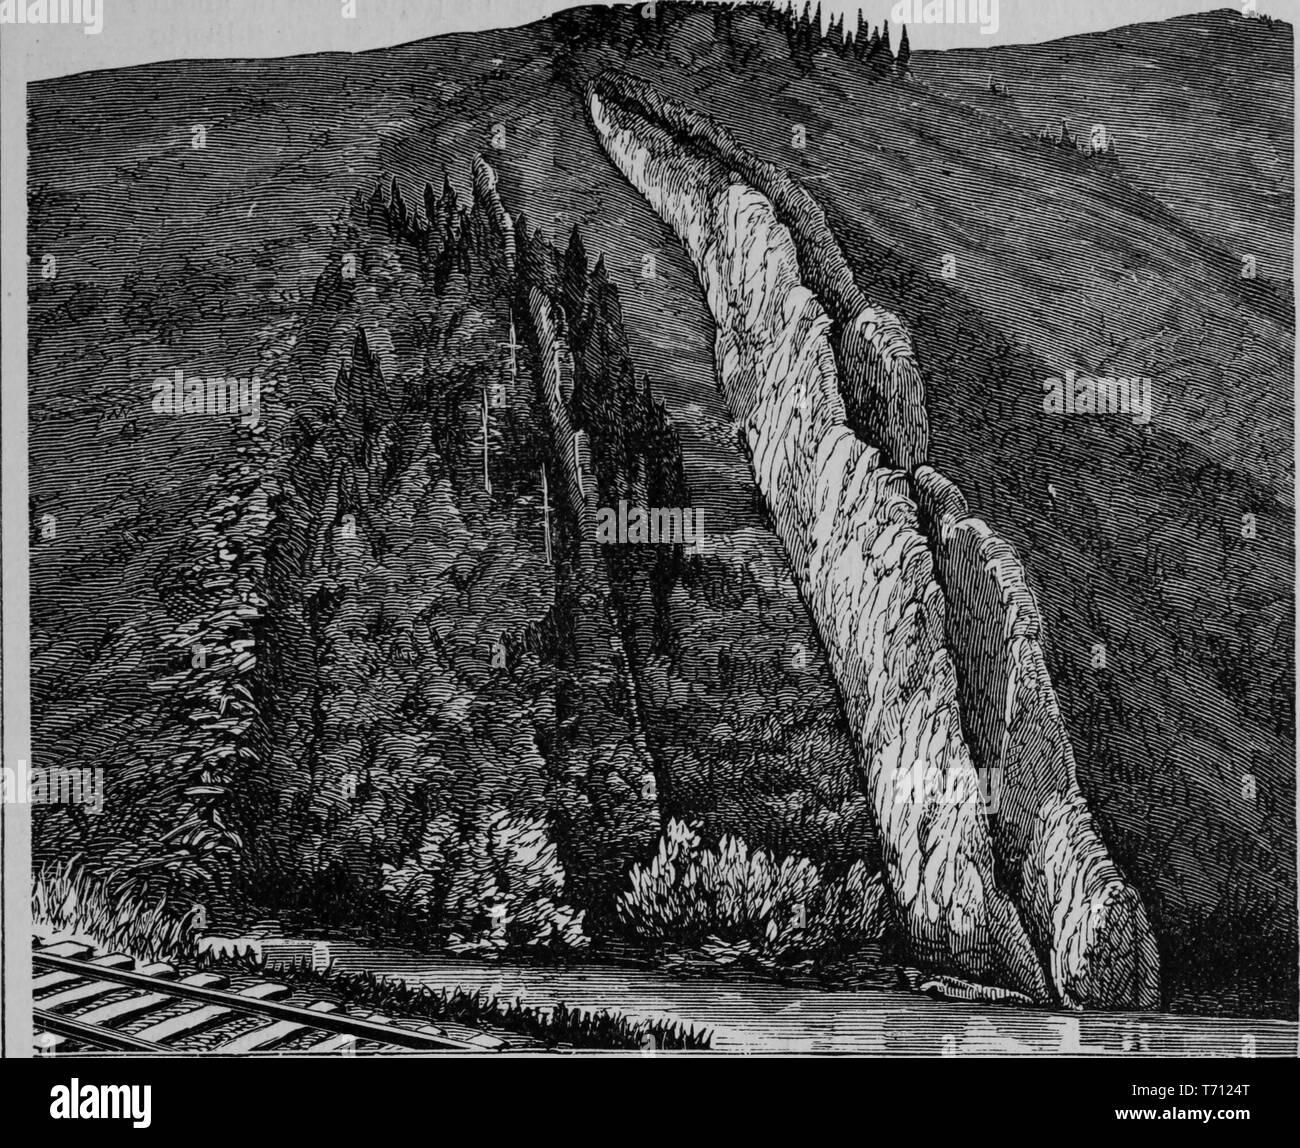 """Incisione del diavolo la diapositiva, insolita formazione geologica, dal libro """"Crofutt è di nuovo overland e turistiche della costa del Pacifico' guida, Weber Canyon dello Utah, 1879. La cortesia Internet Archive. () Immagini Stock"""